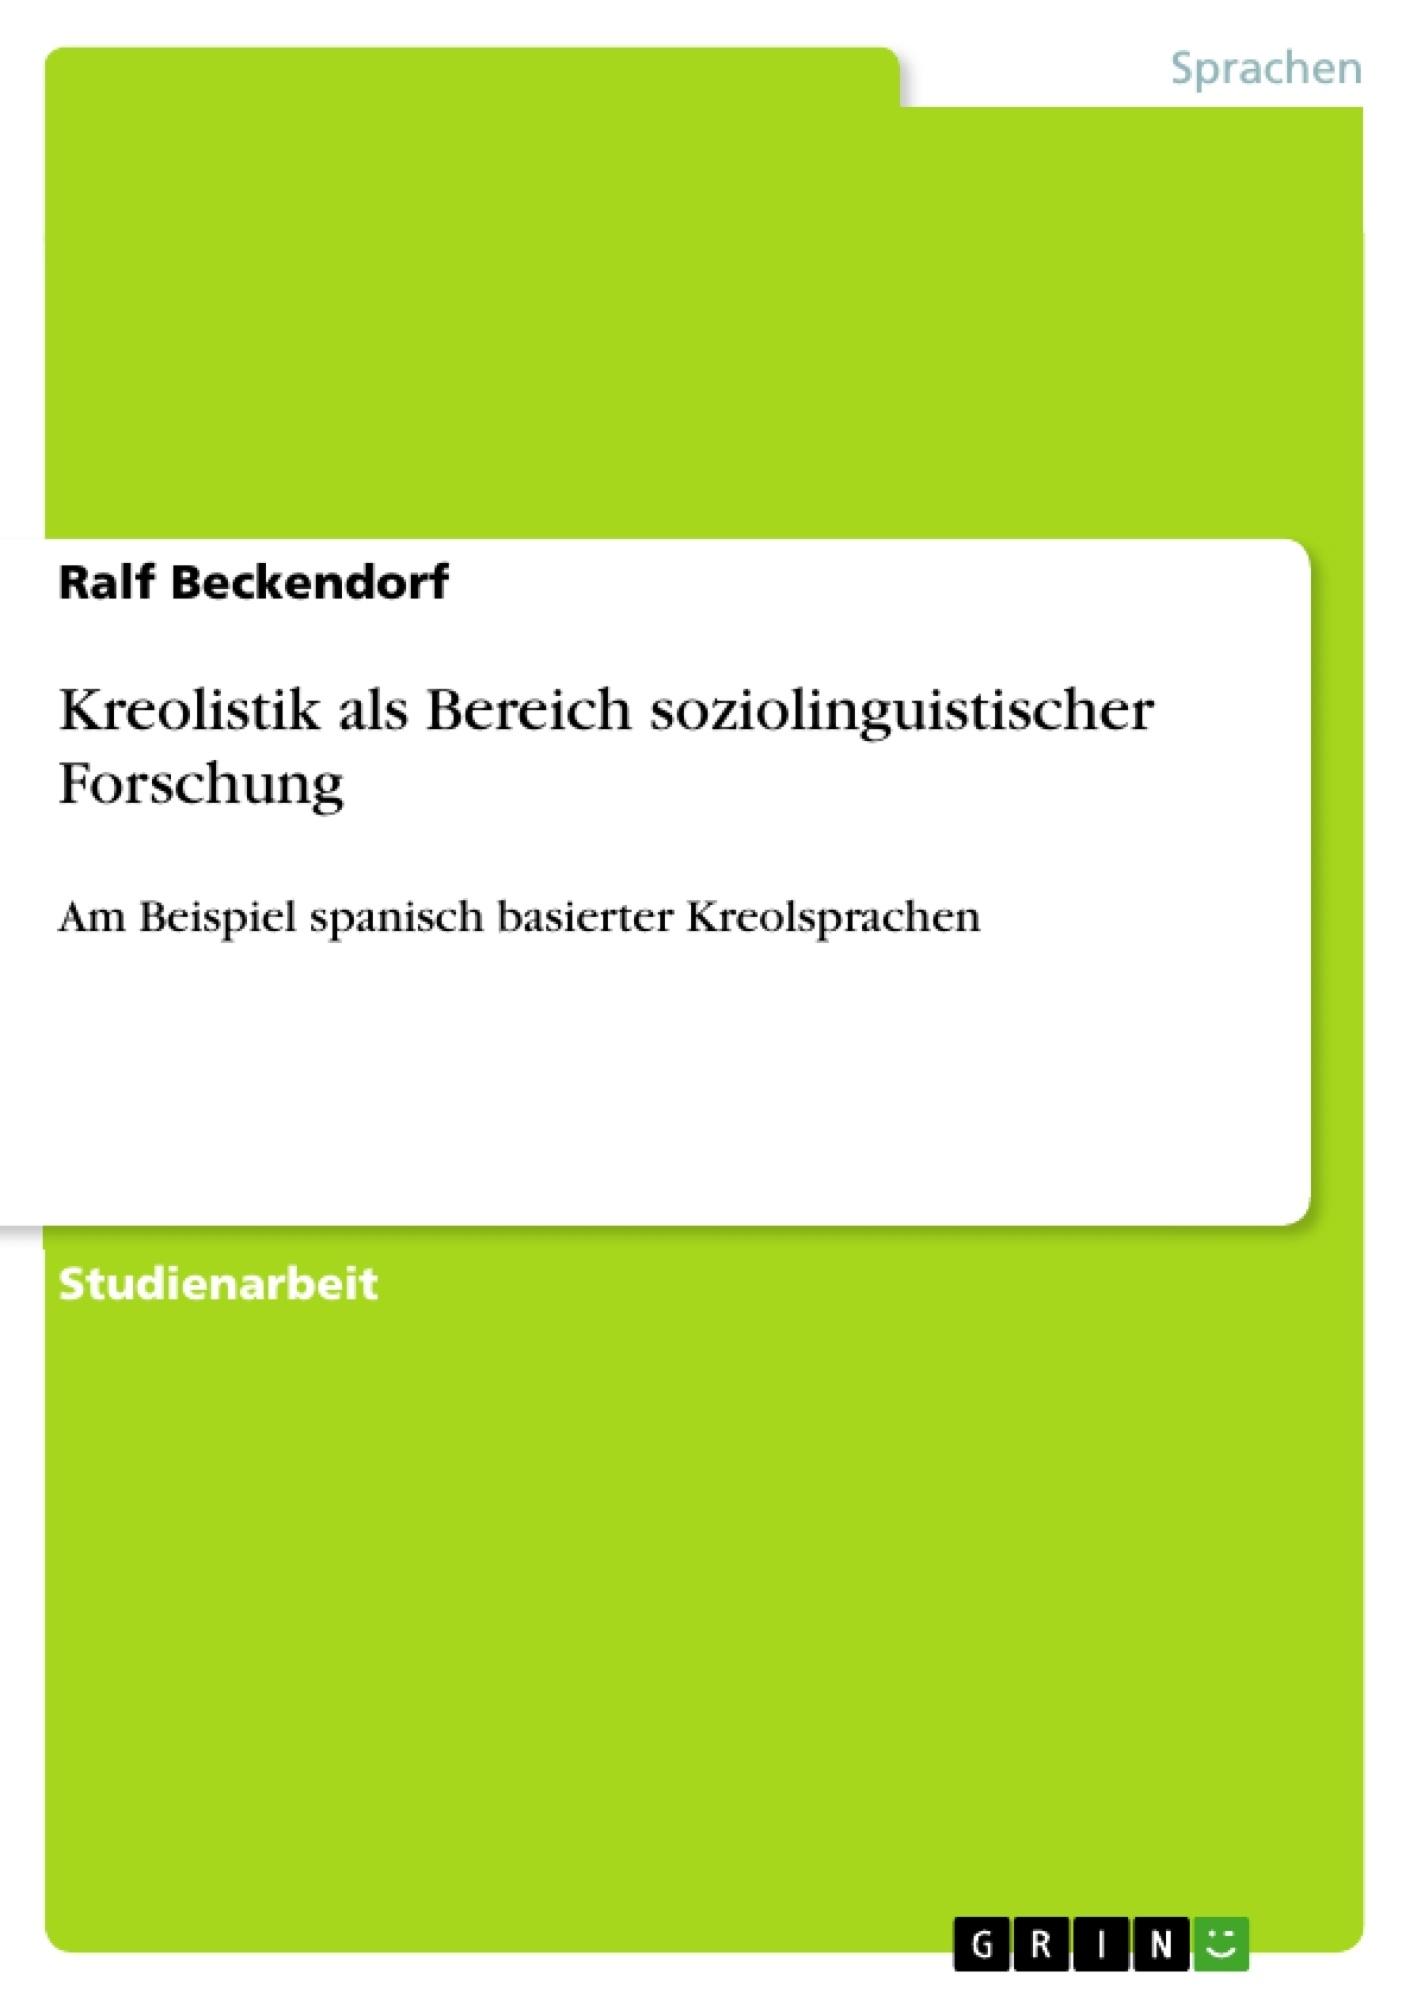 Titel: Kreolistik als Bereich soziolinguistischer Forschung